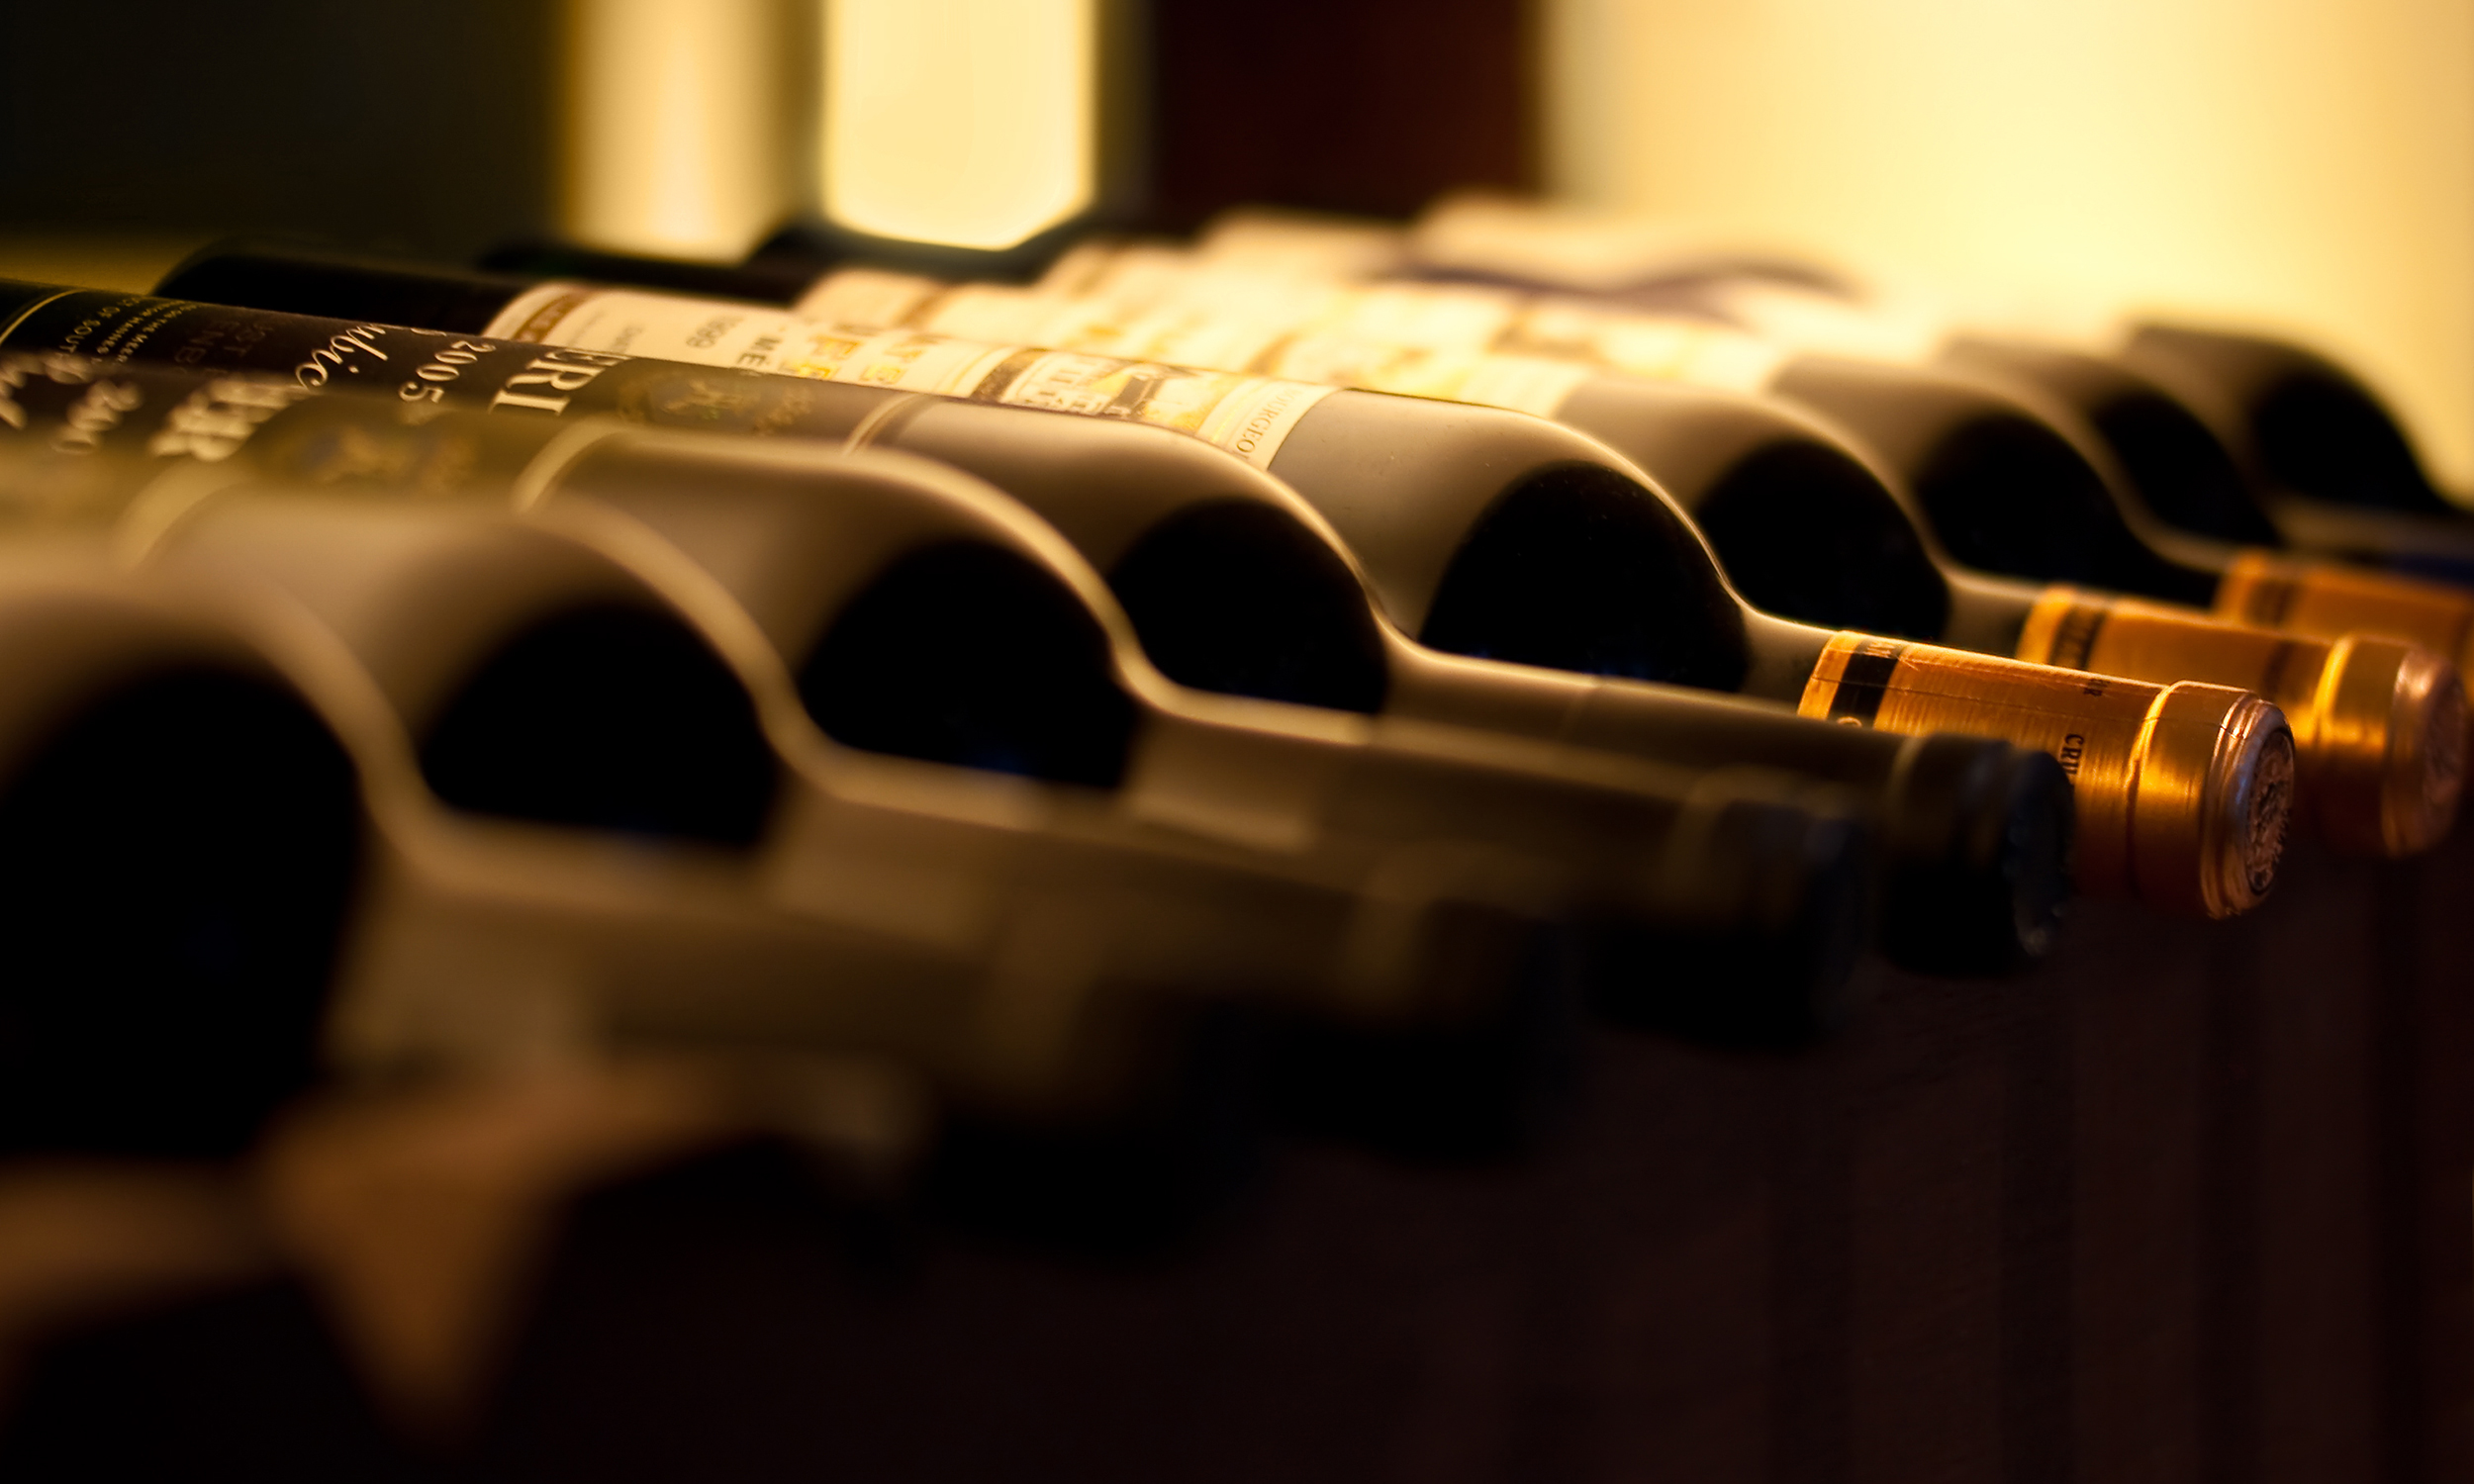 Argento Wines